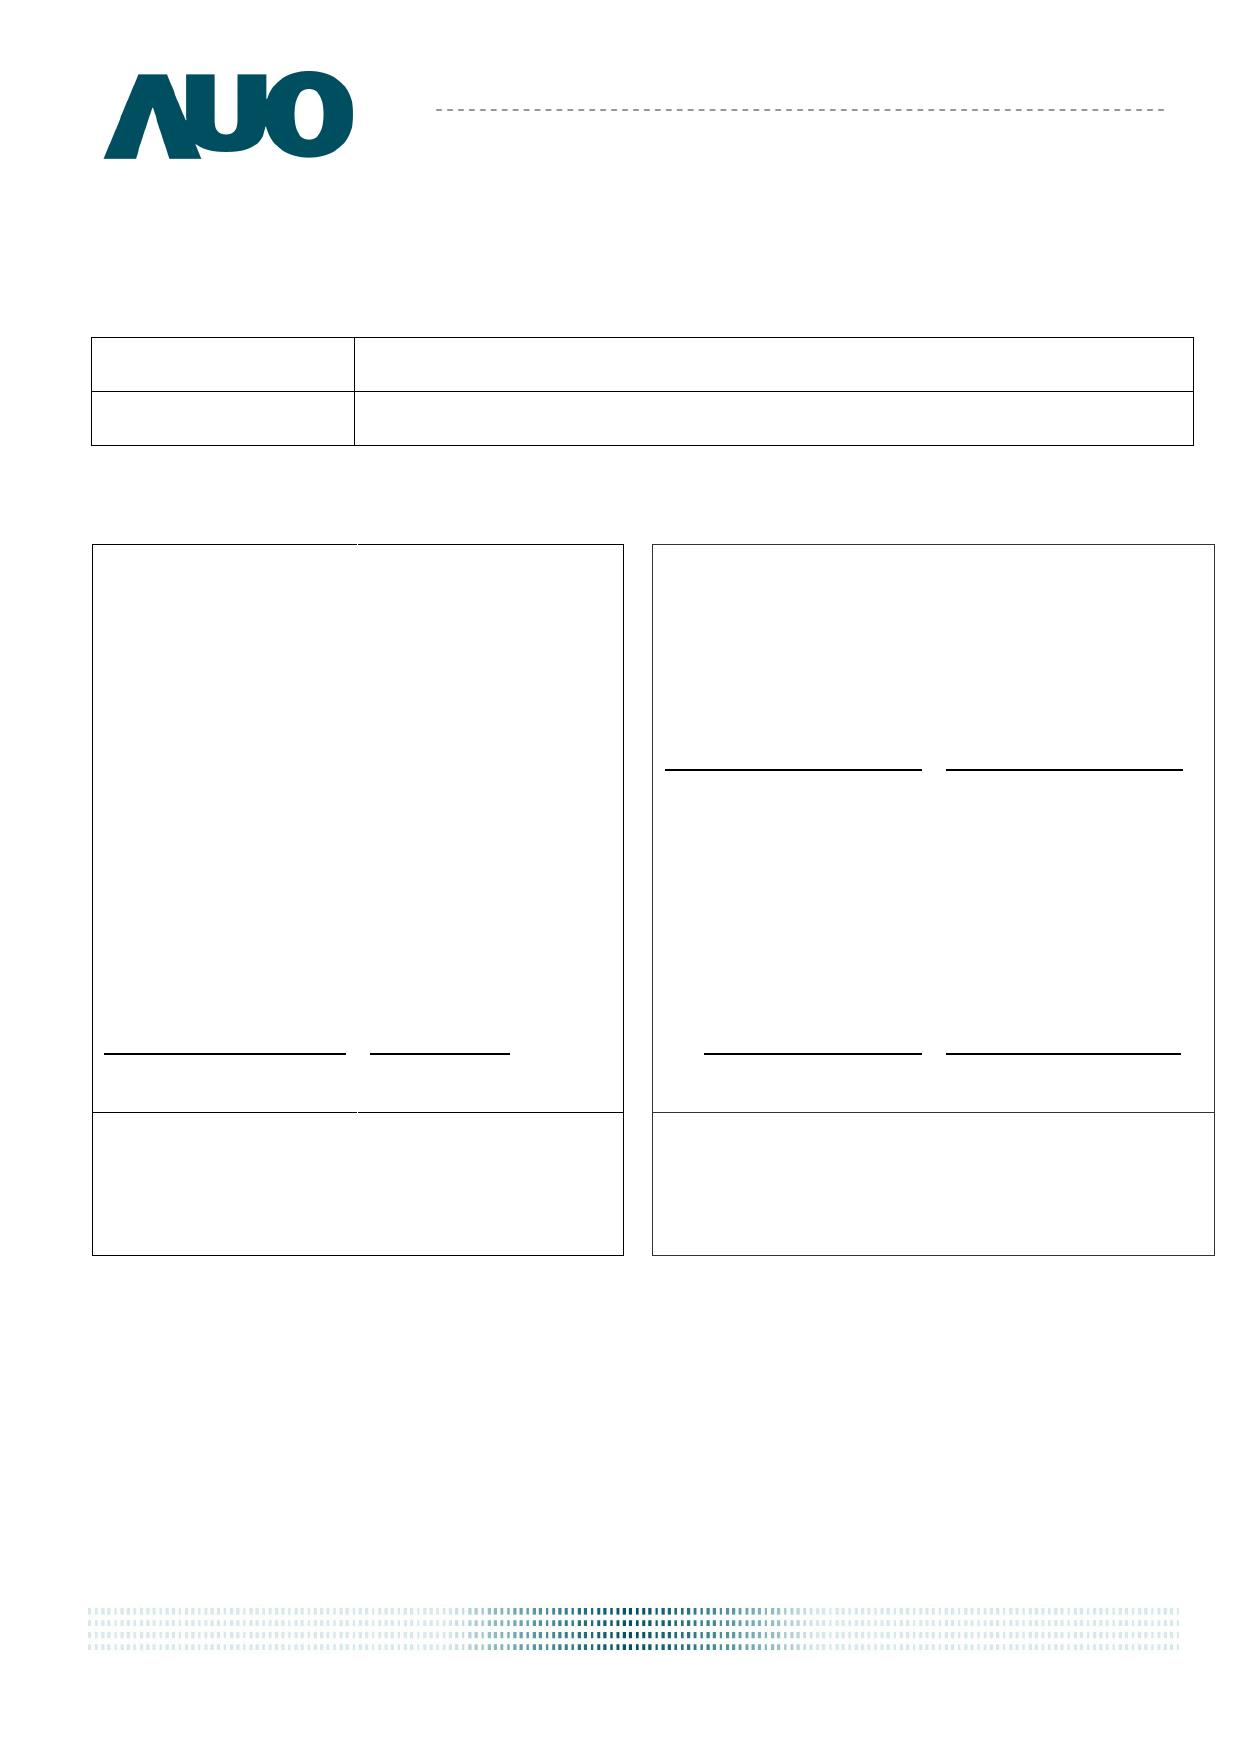 G085VW01_V0 دیتاشیت PDF